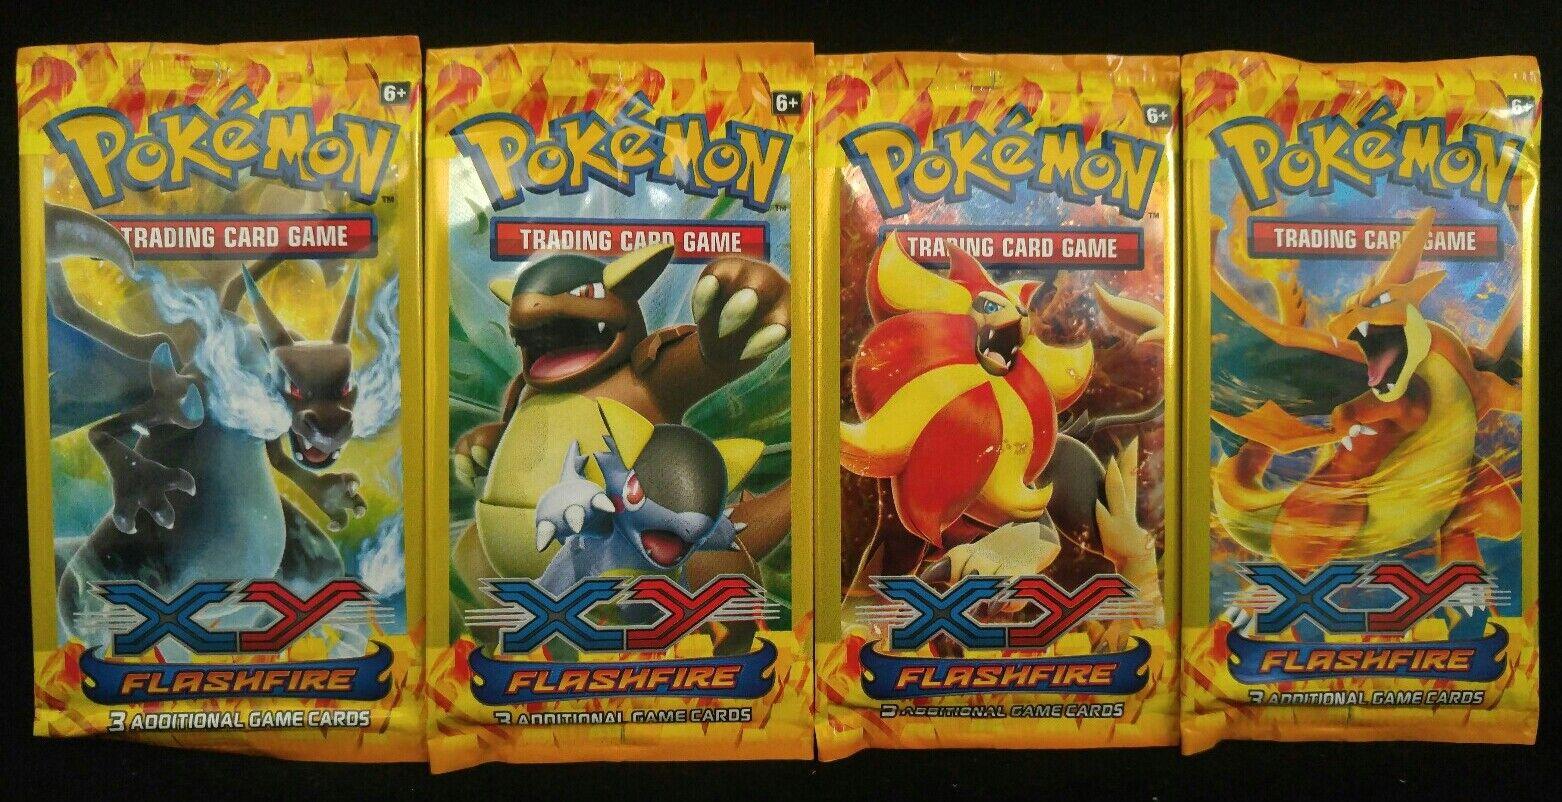 Pokemon XY Flashfire NuevoSellado de 3 Mini-Card Booster Pack   Paquetes caliente